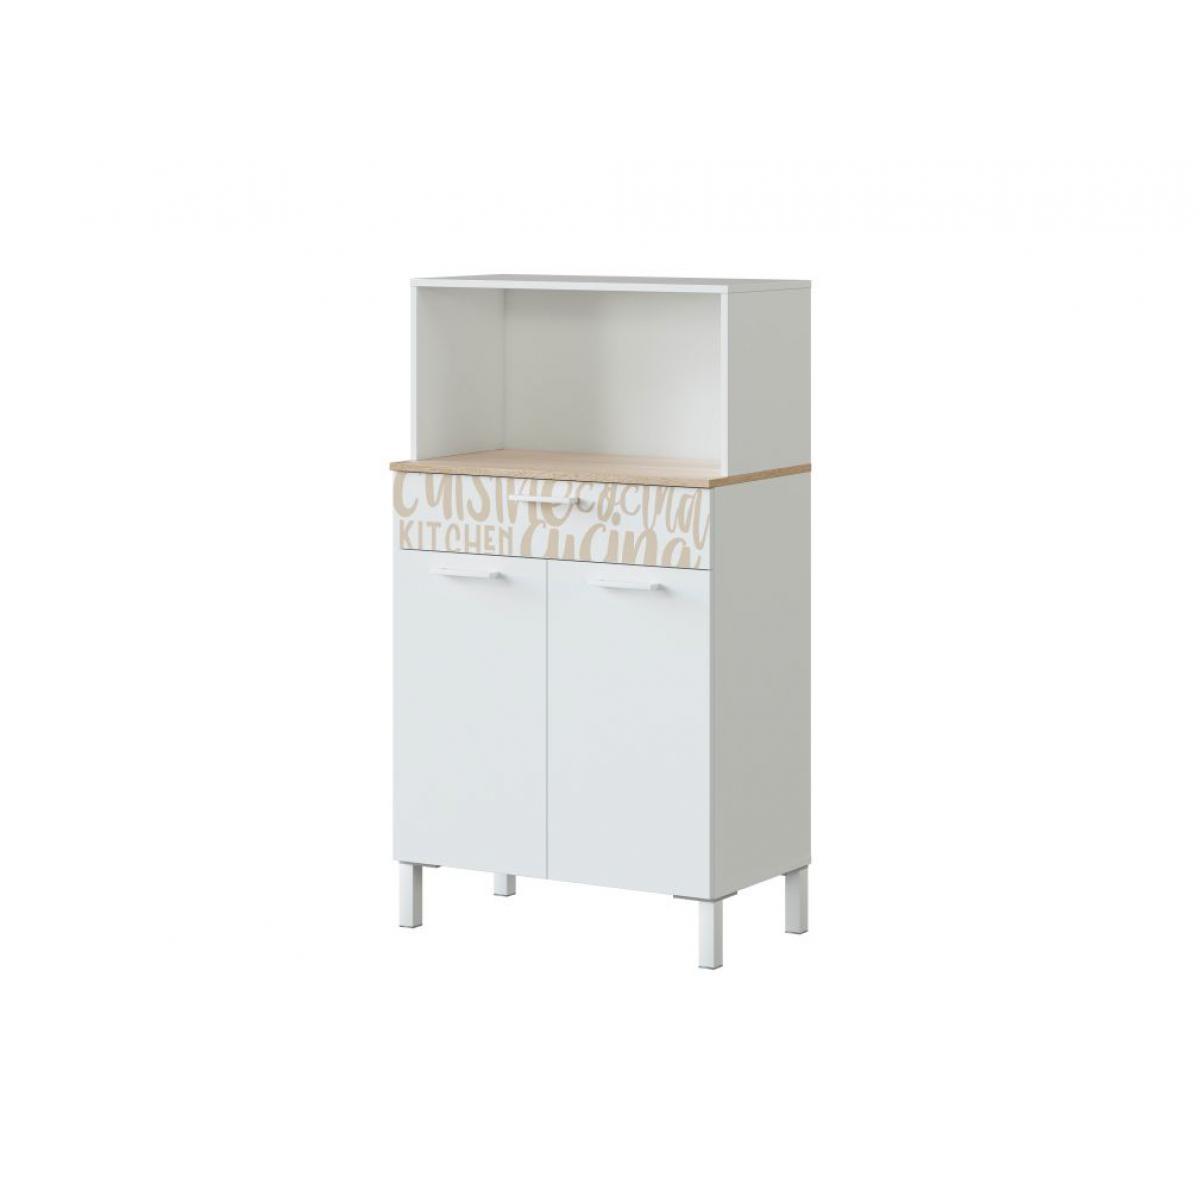 Usinestreet Buffet de cuisine ÉMILE 2 portes et 1 tiroir L72 x H126cm - Blanc / Bois motif